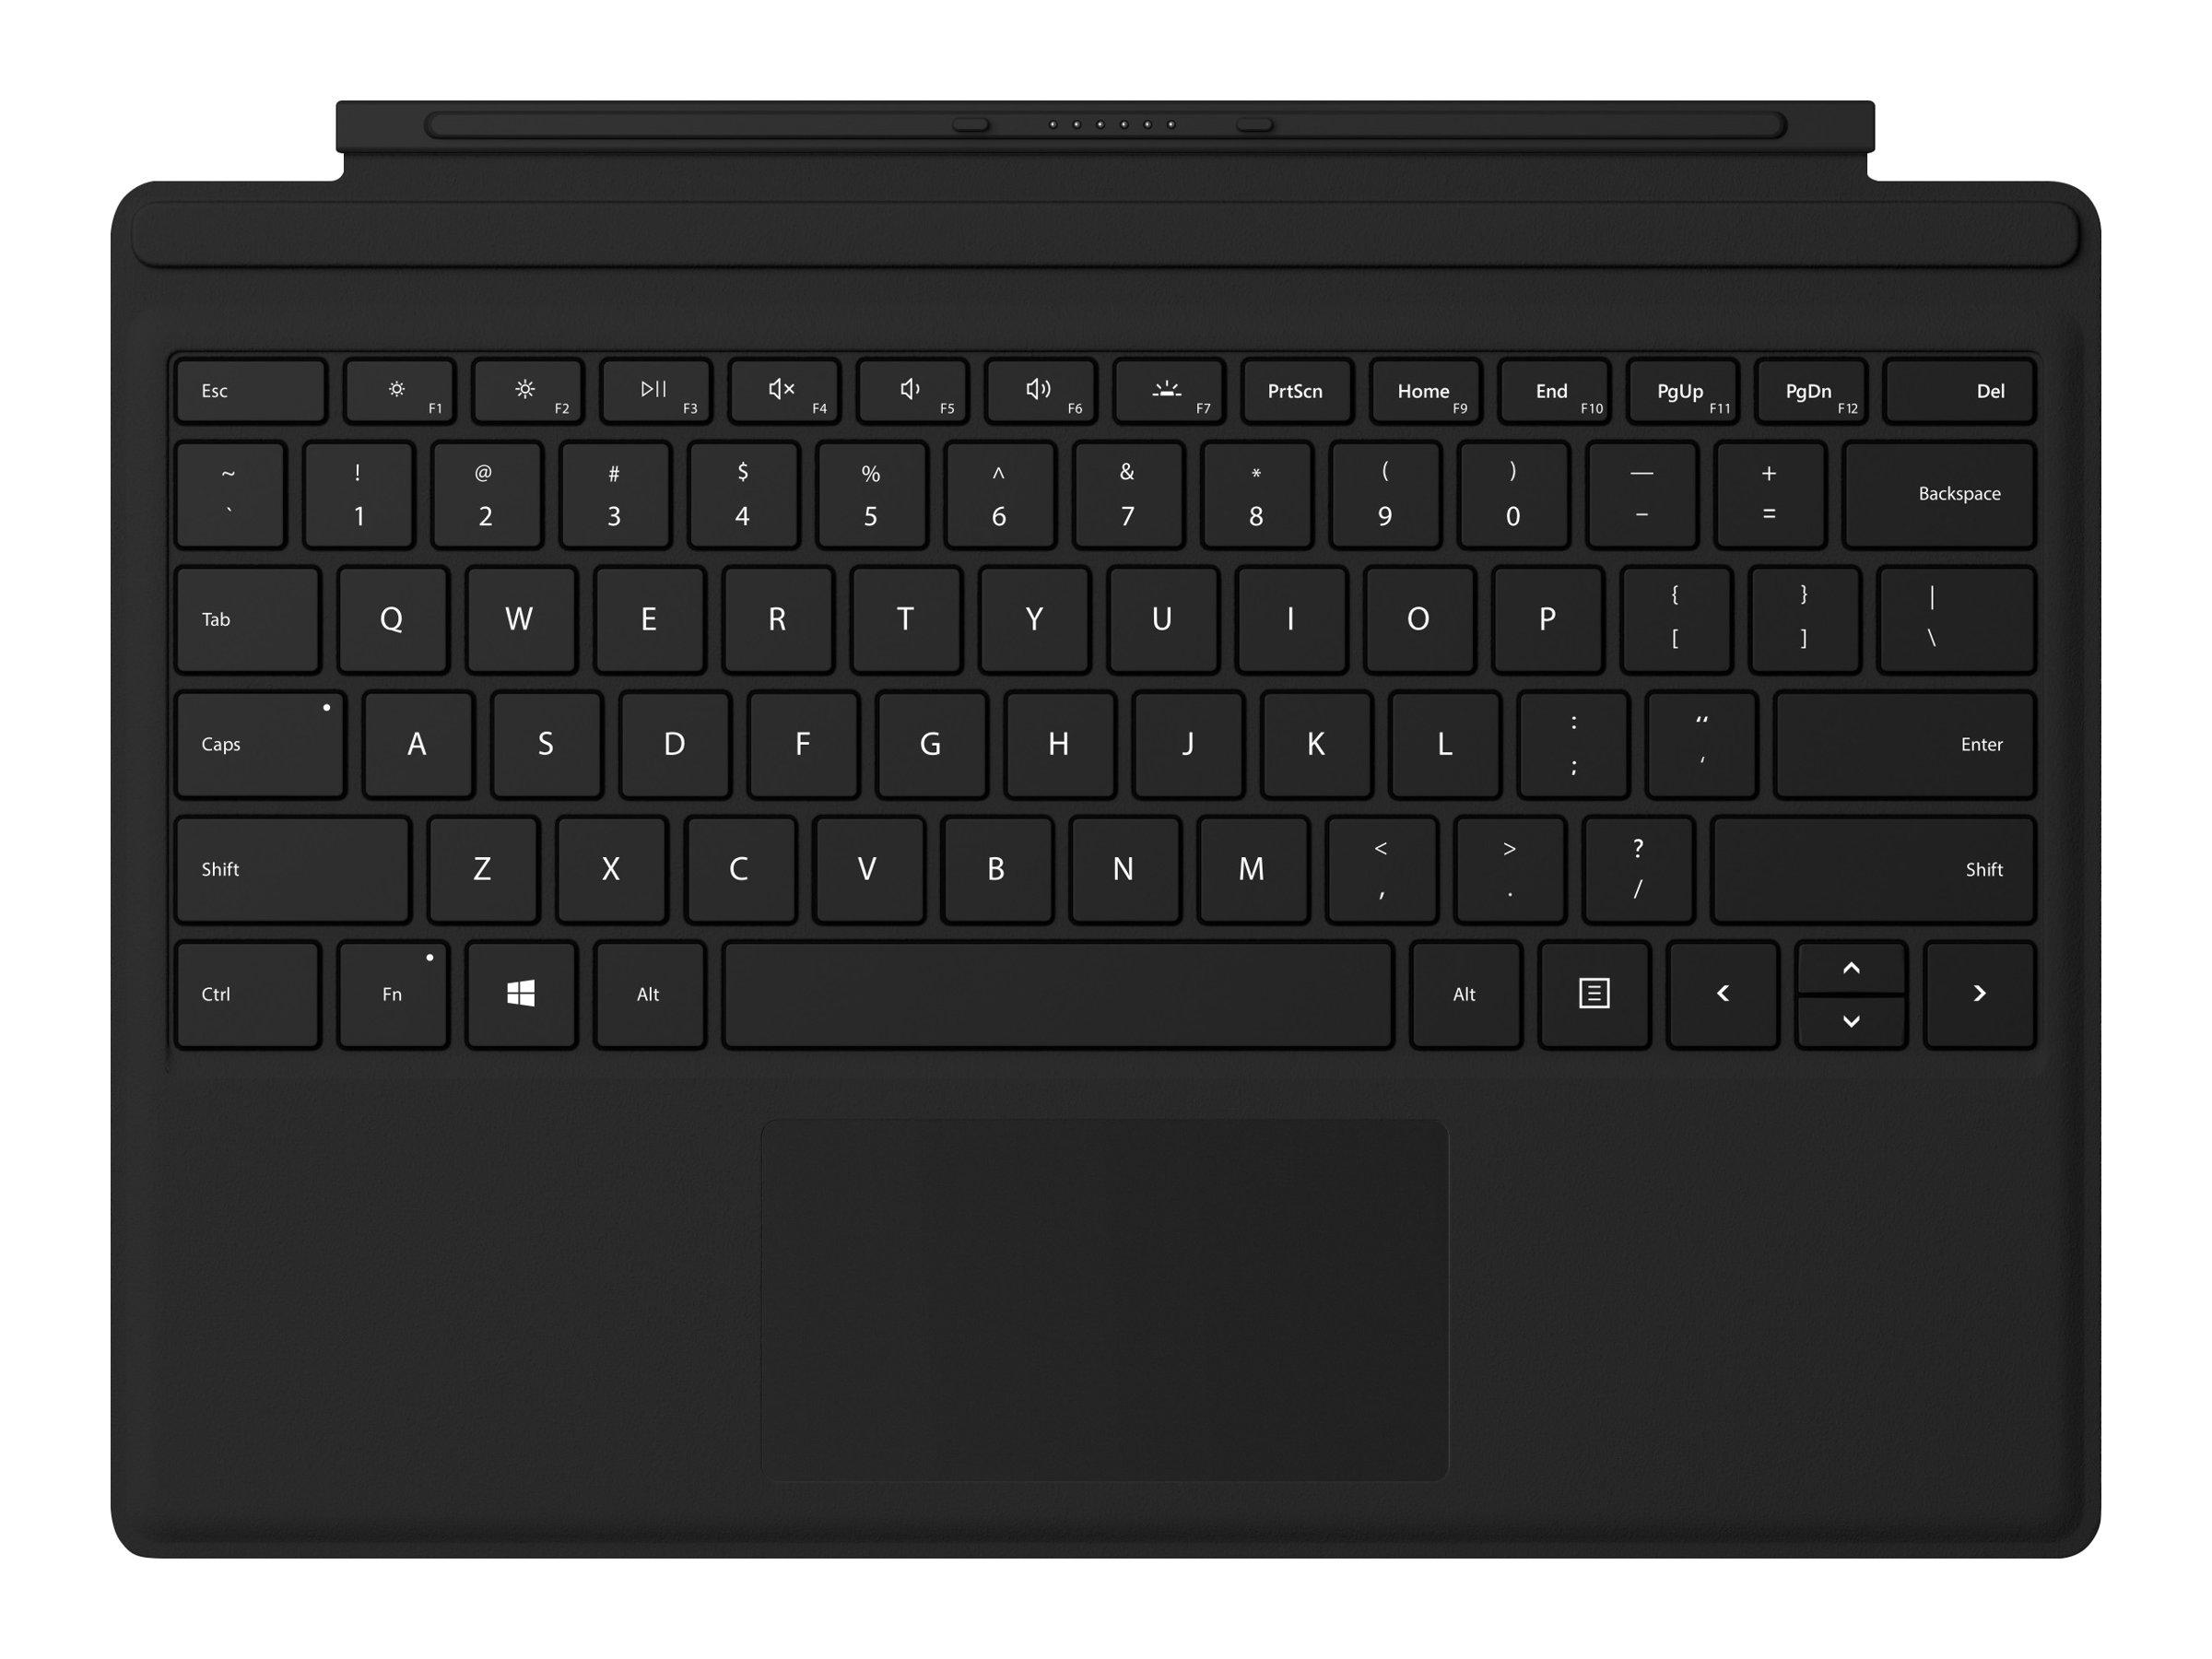 Microsoft Surface Pro Type Cover with Fingerprint ID - Tastatur - mit Trackpad, Beschleunigungsmesser - hinterleuchtet - QWERTY